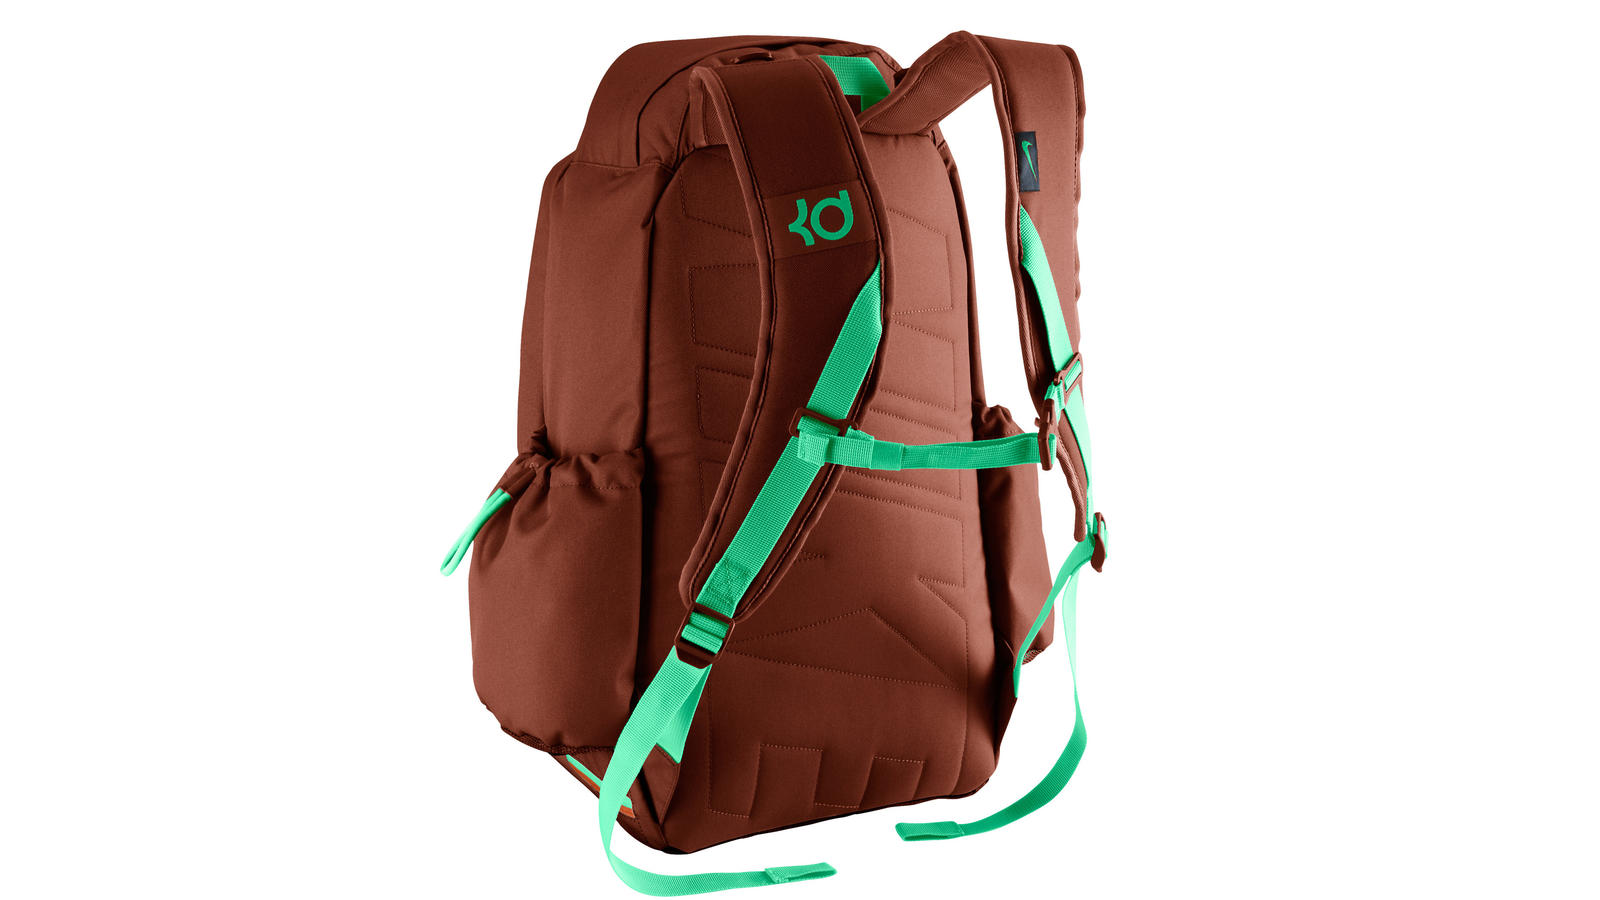 kd-backpack-back